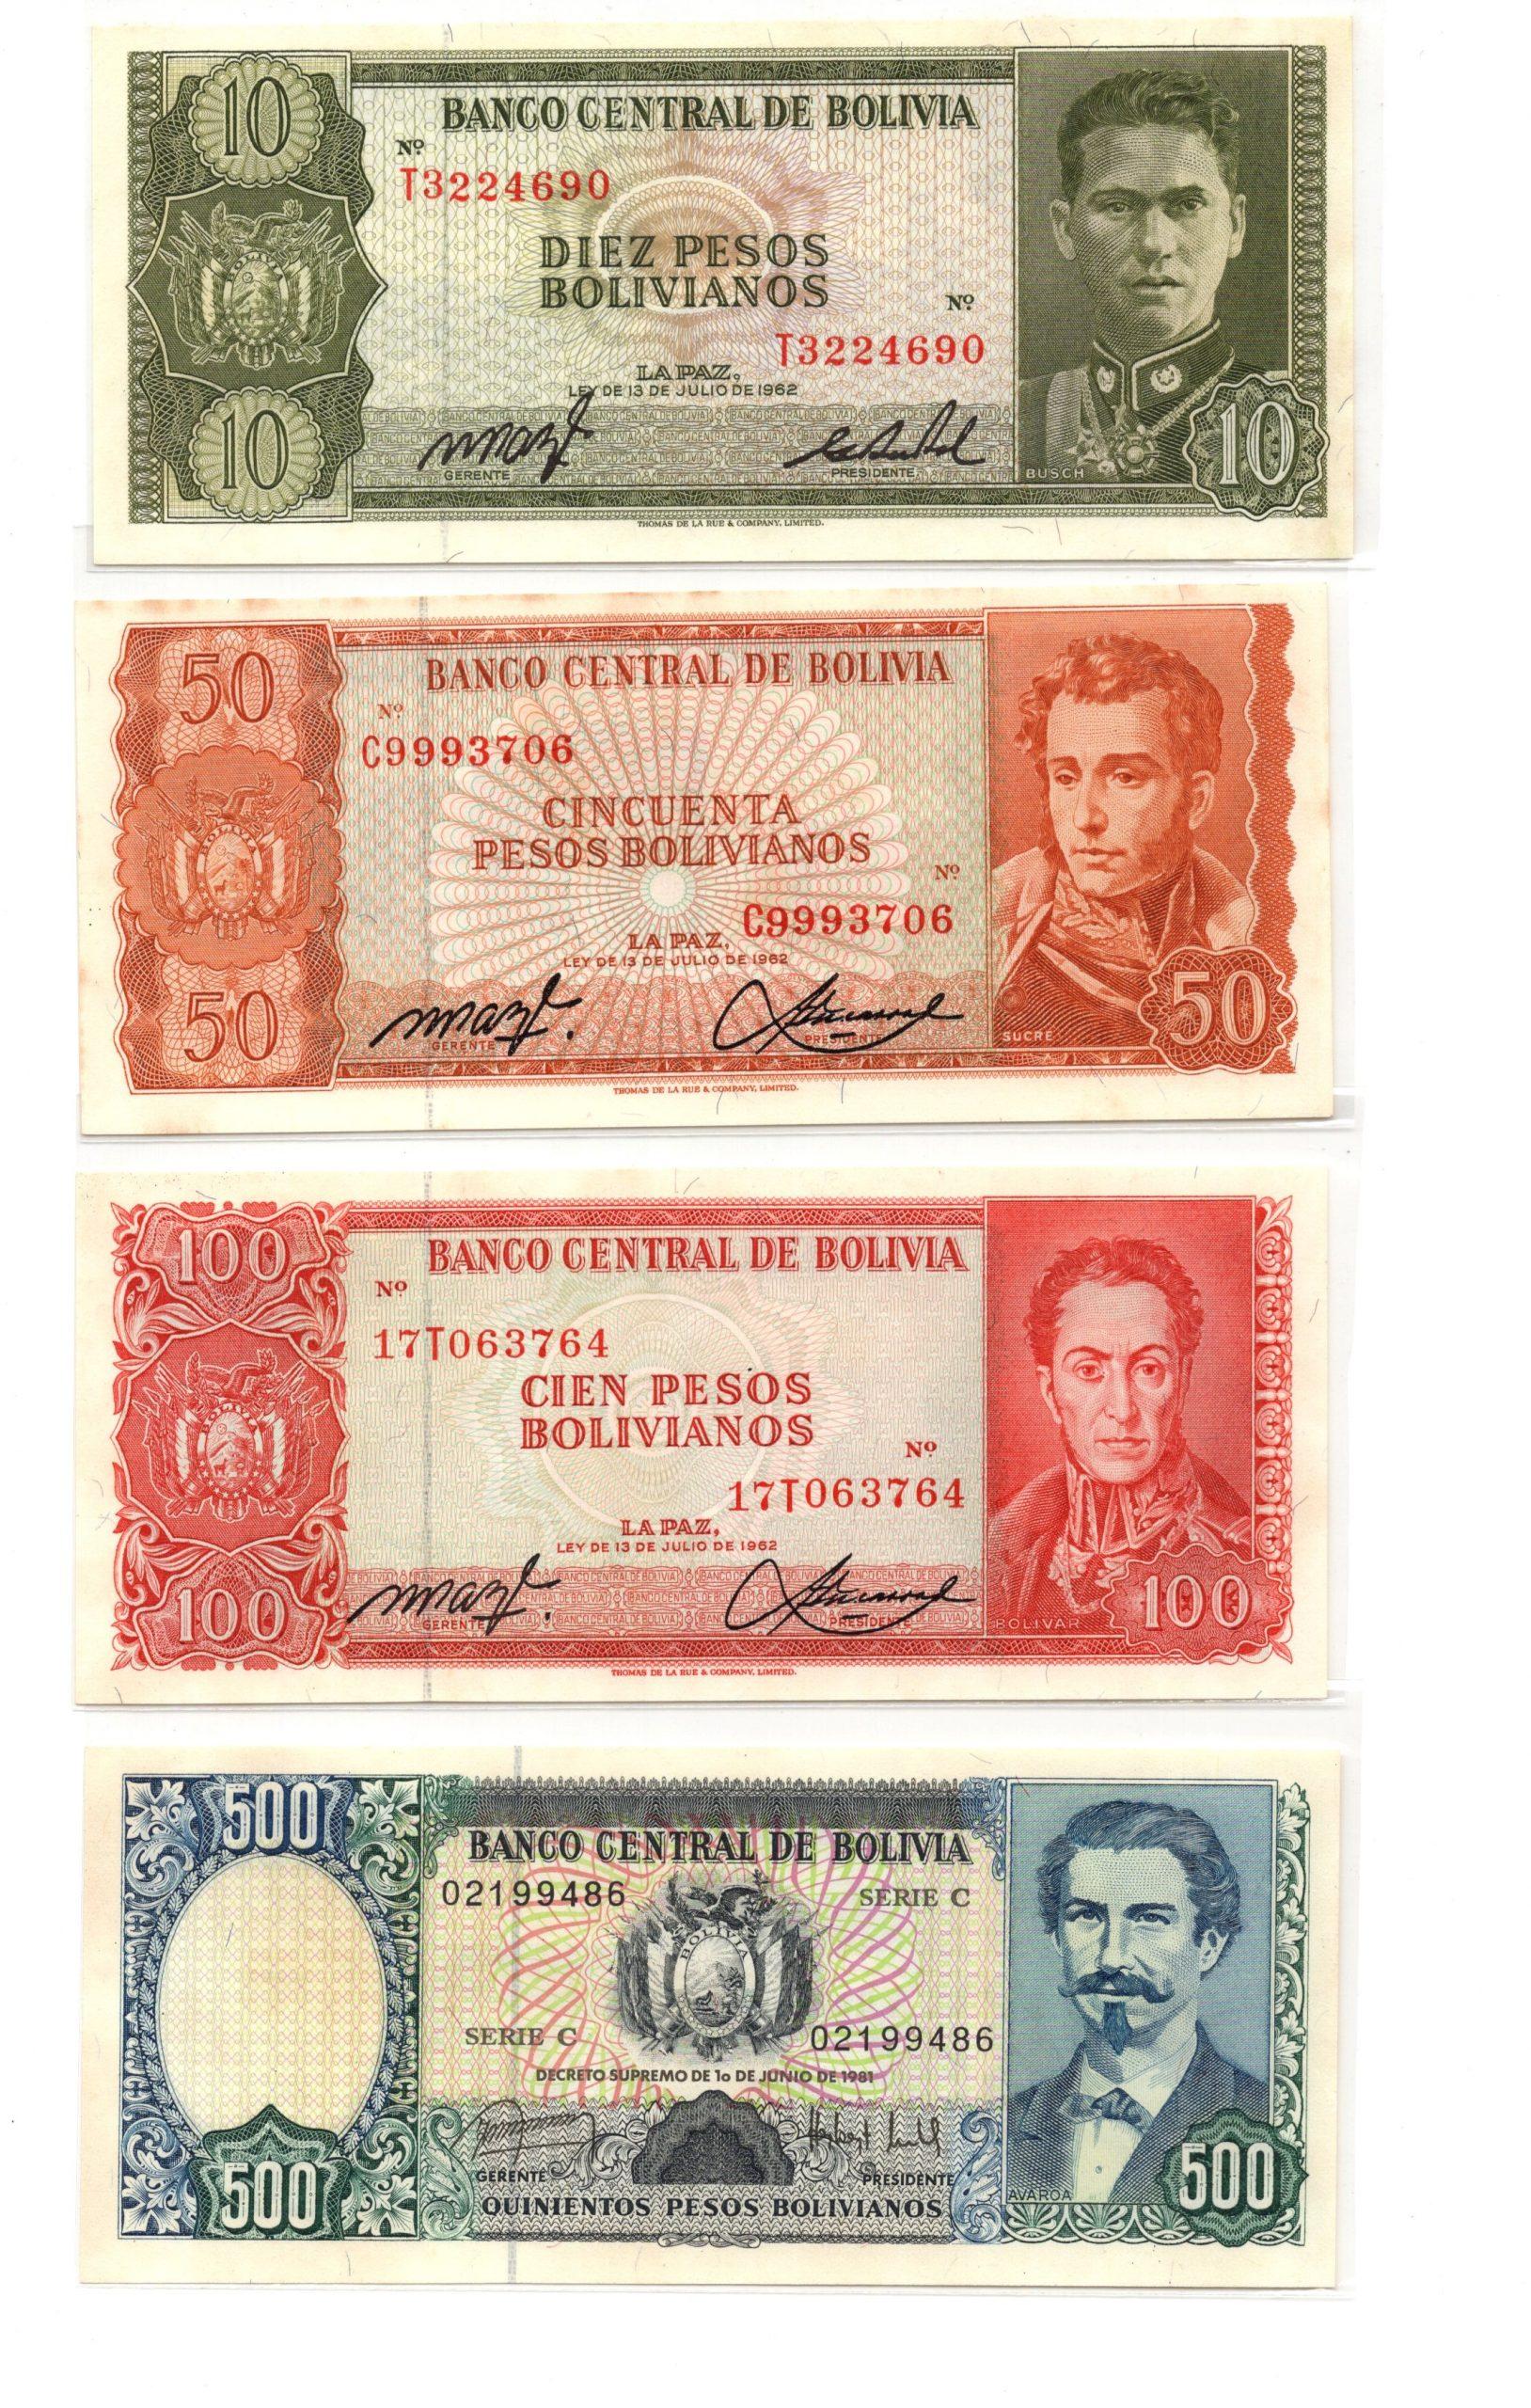 Bolivia banknote set